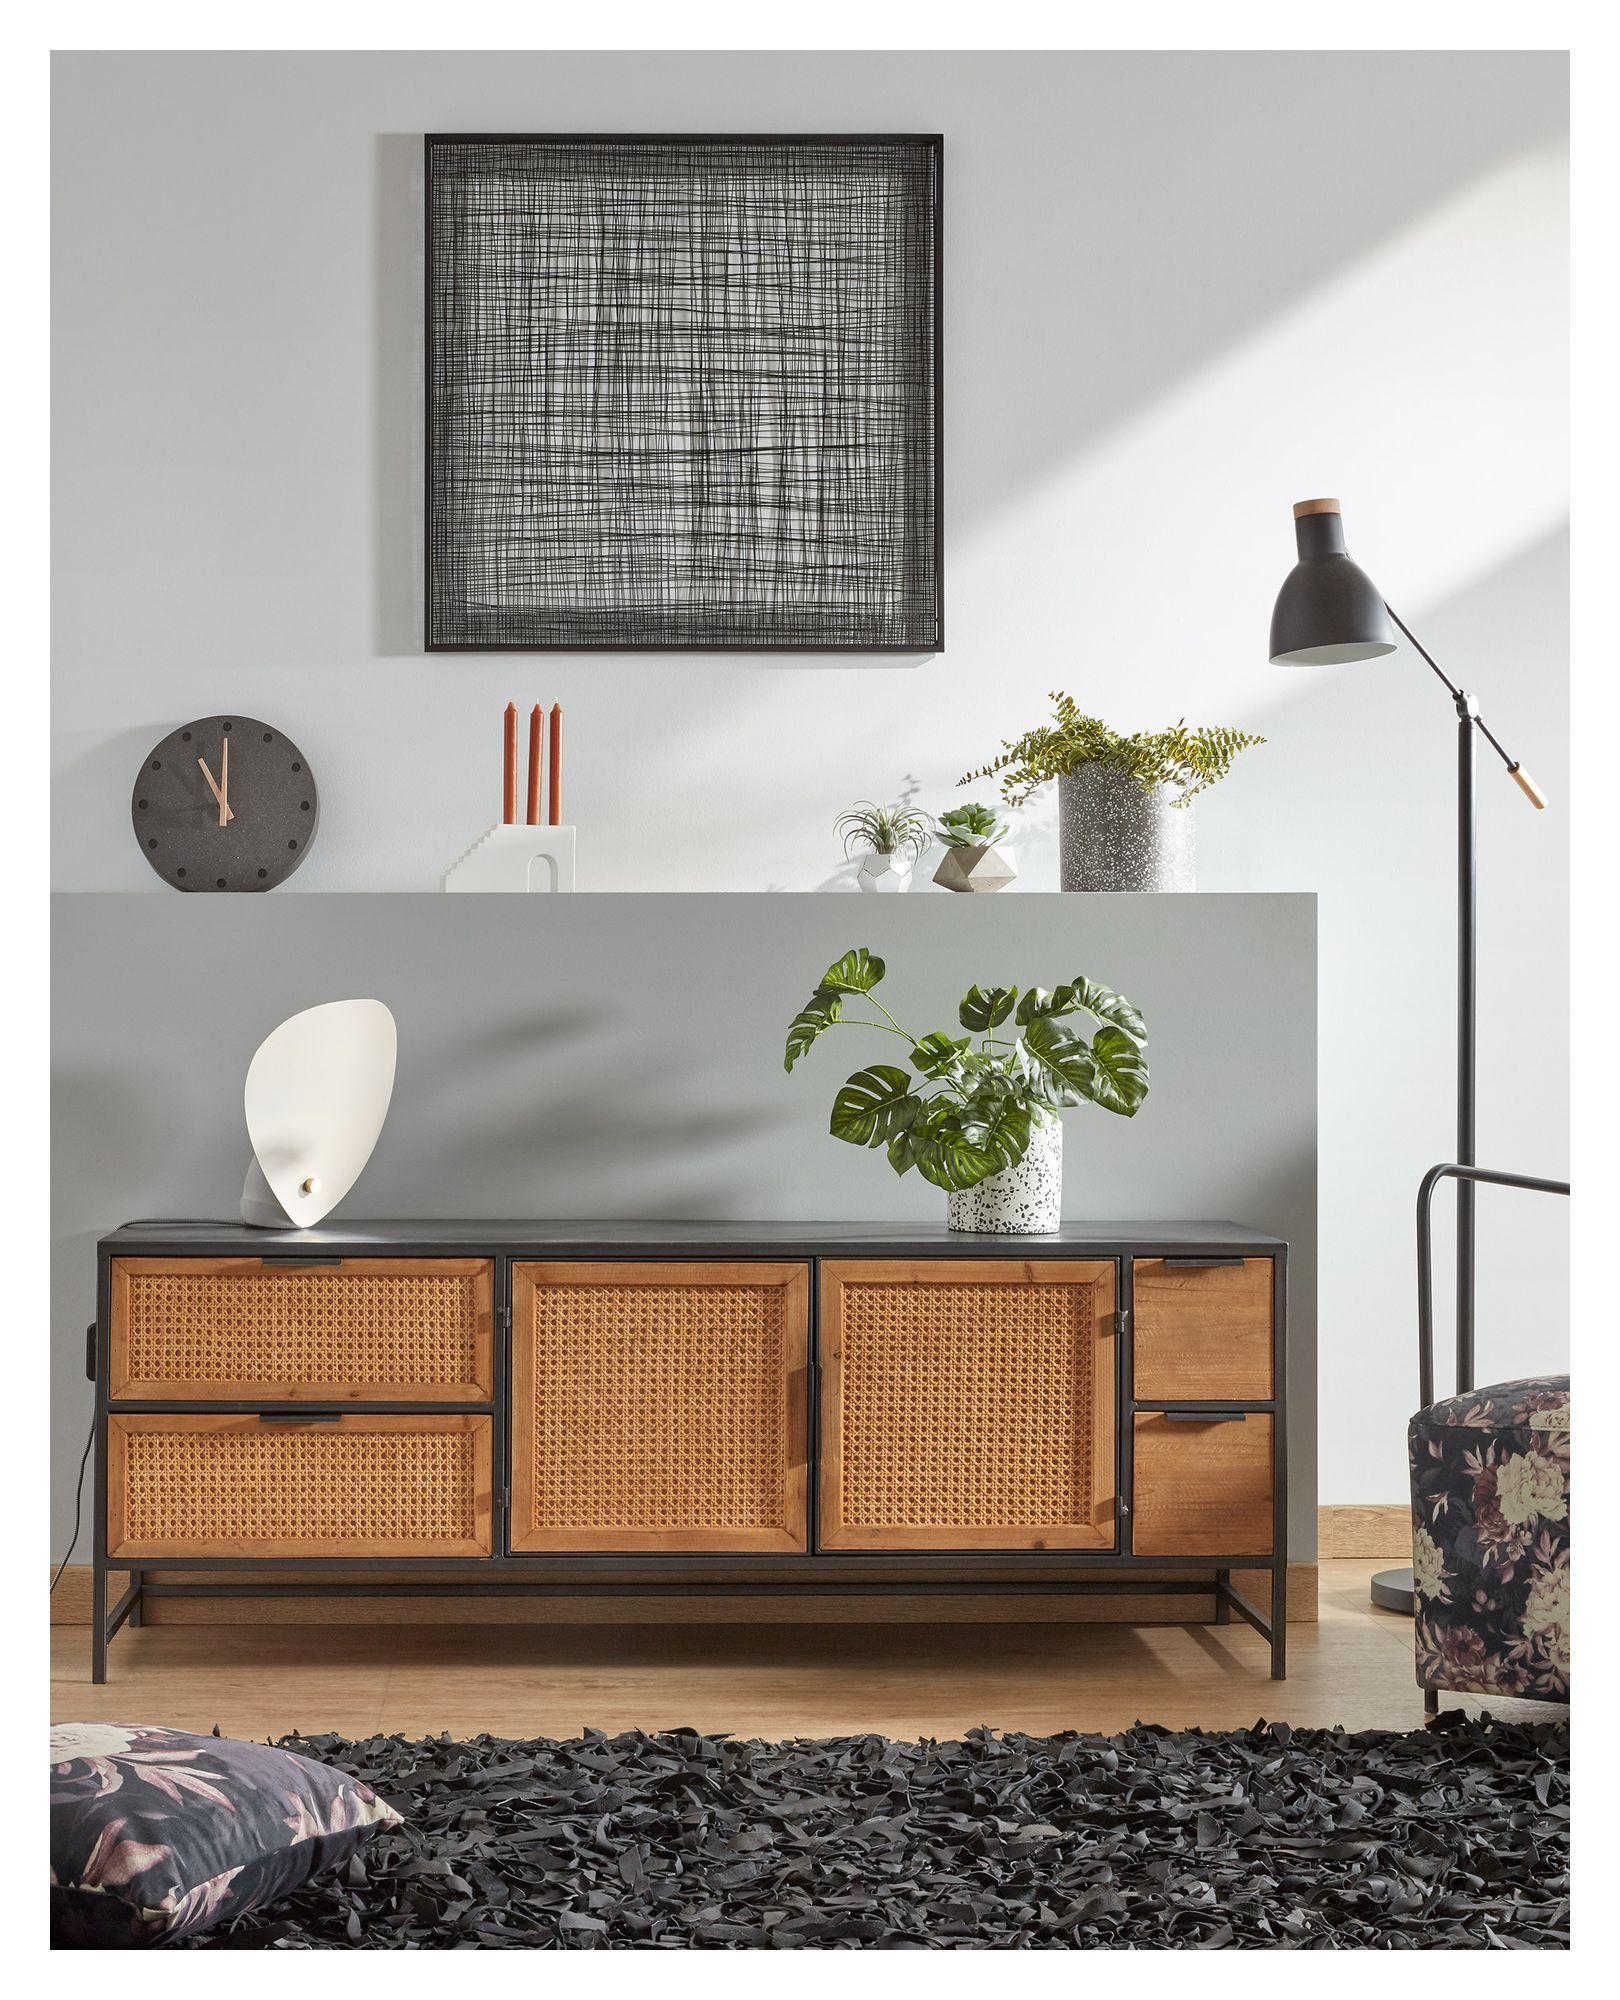 LaForma Christine Væg Dekoration - Sort